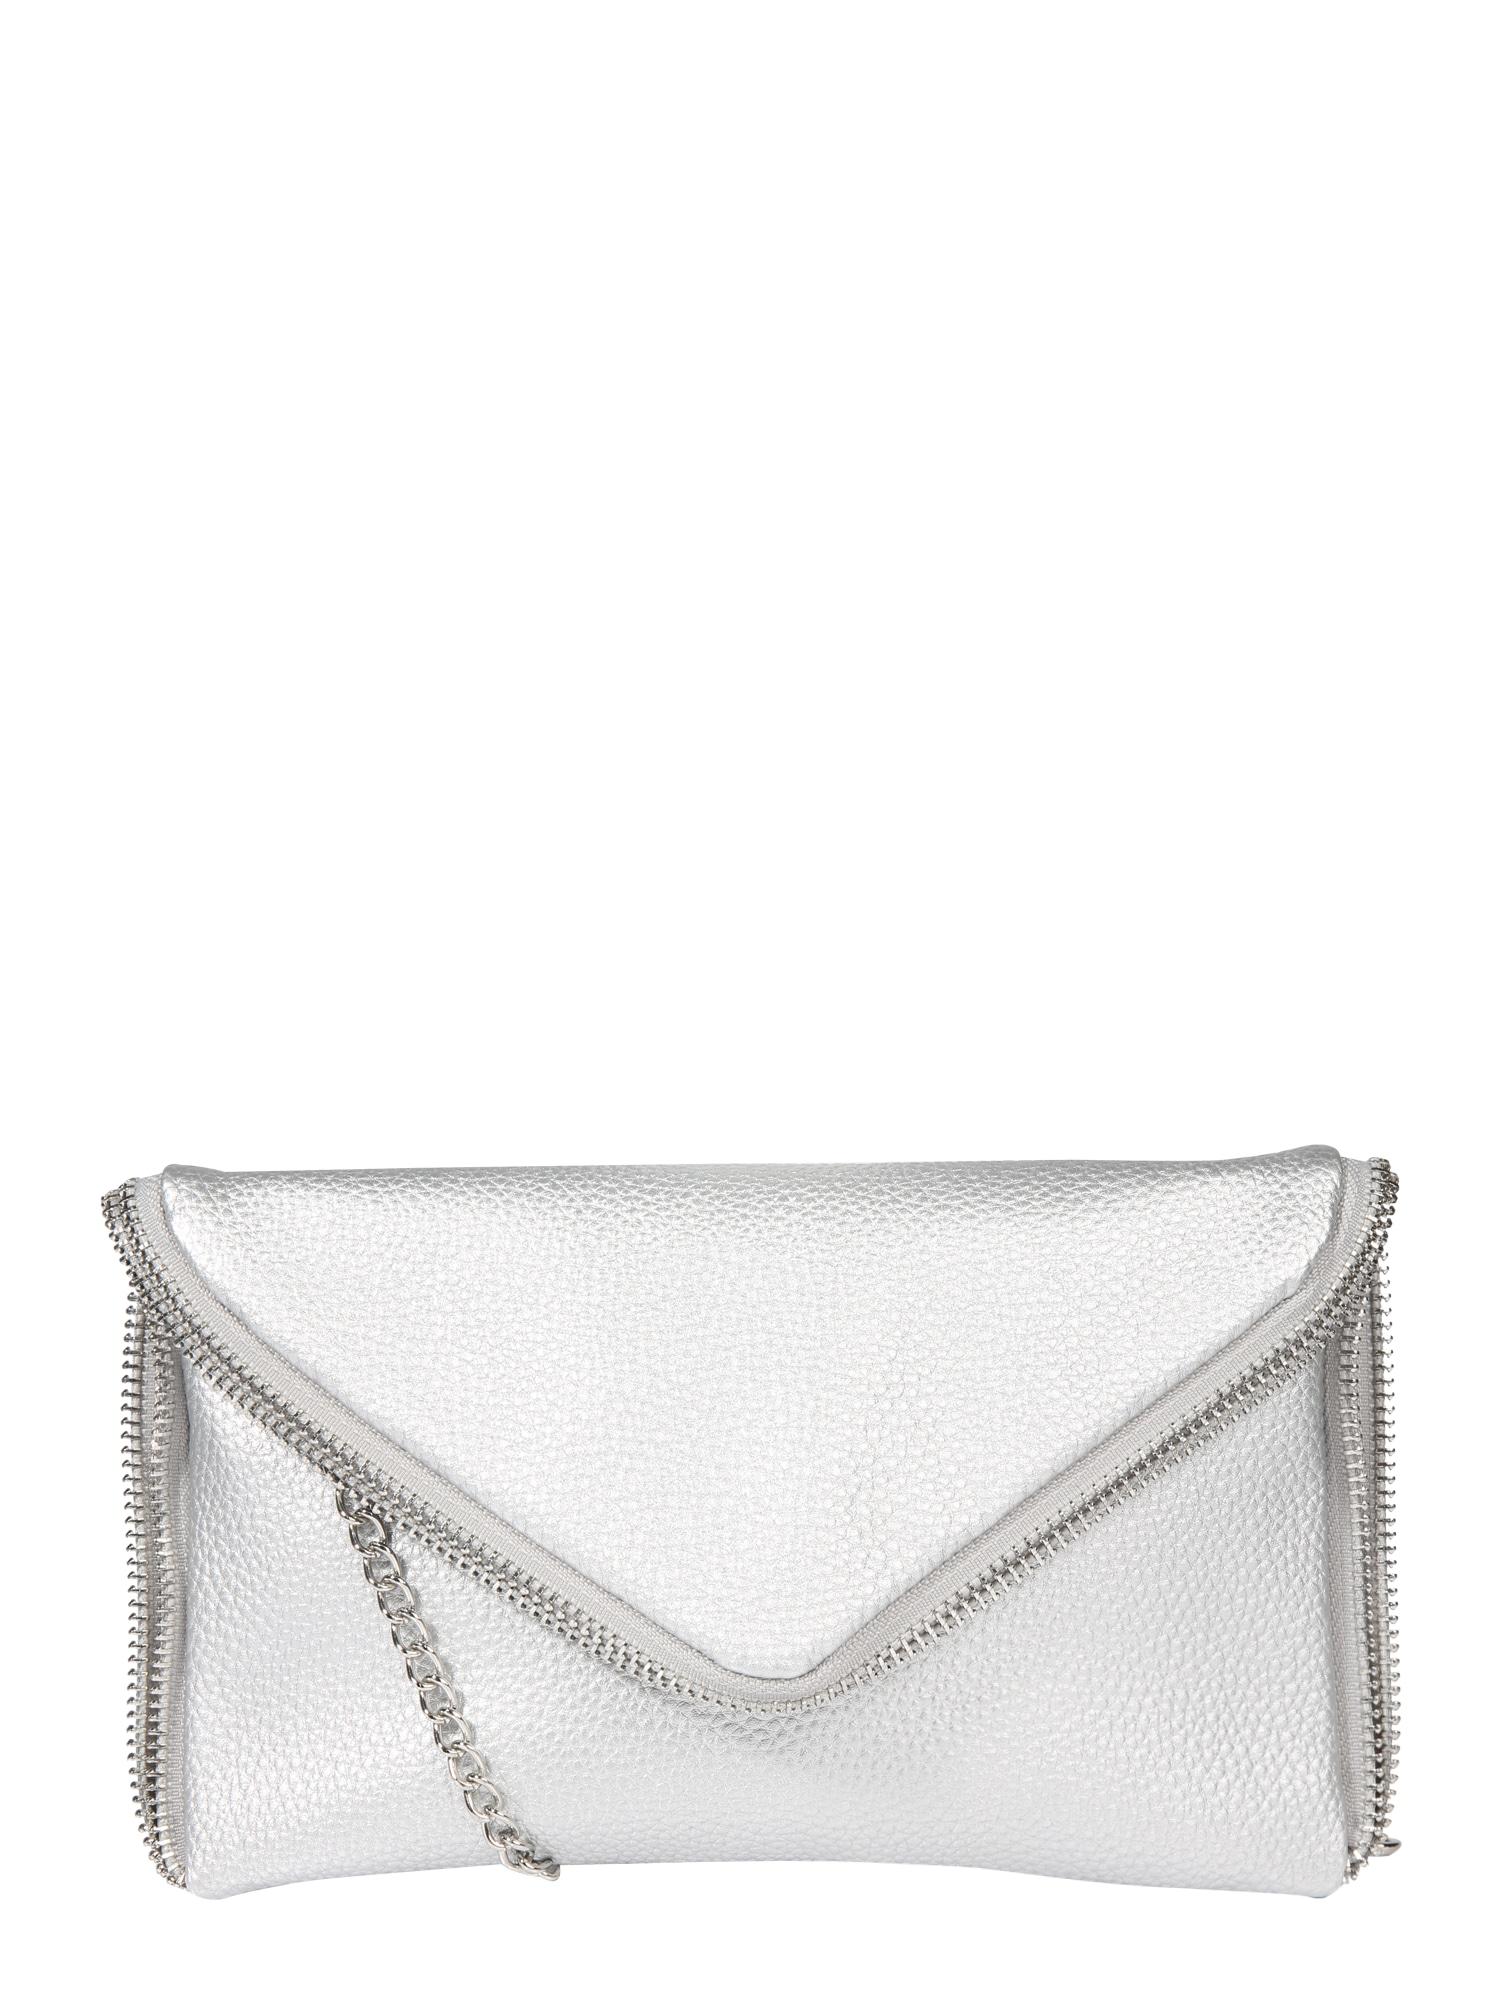 Taška přes rameno Victoria stříbrná Sweet Deluxe